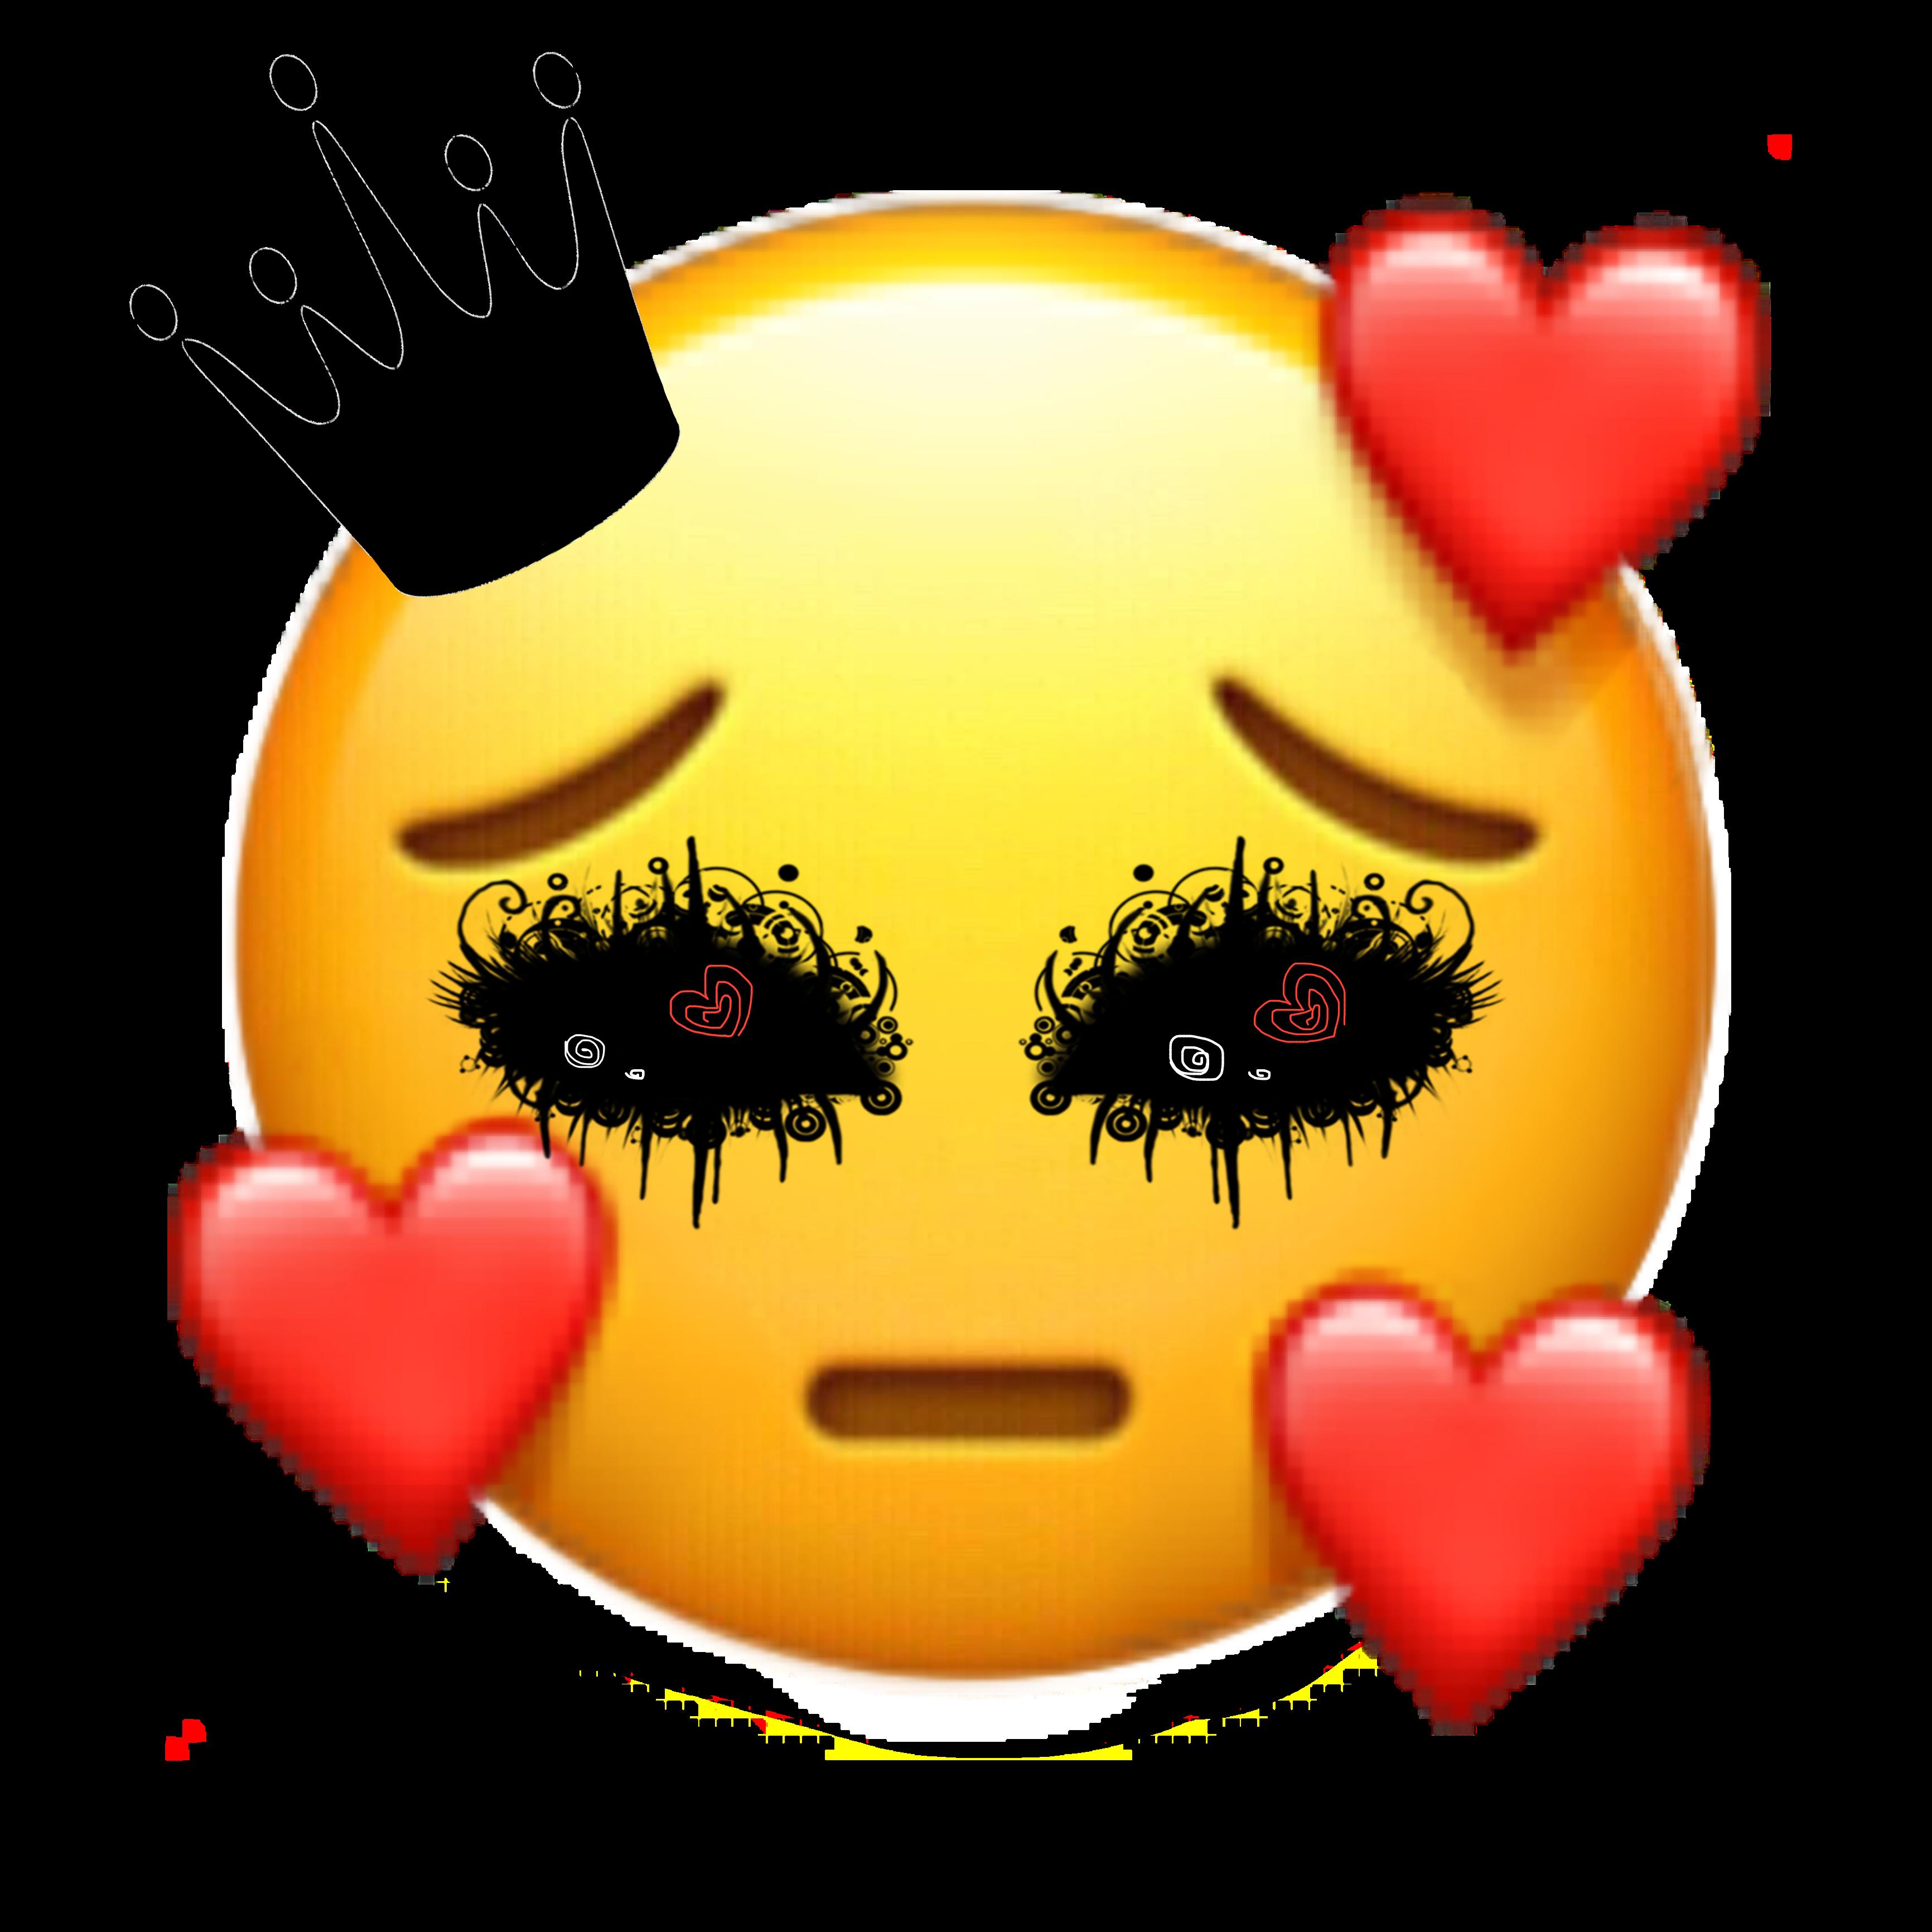 Картинки грустные на аву смайлики